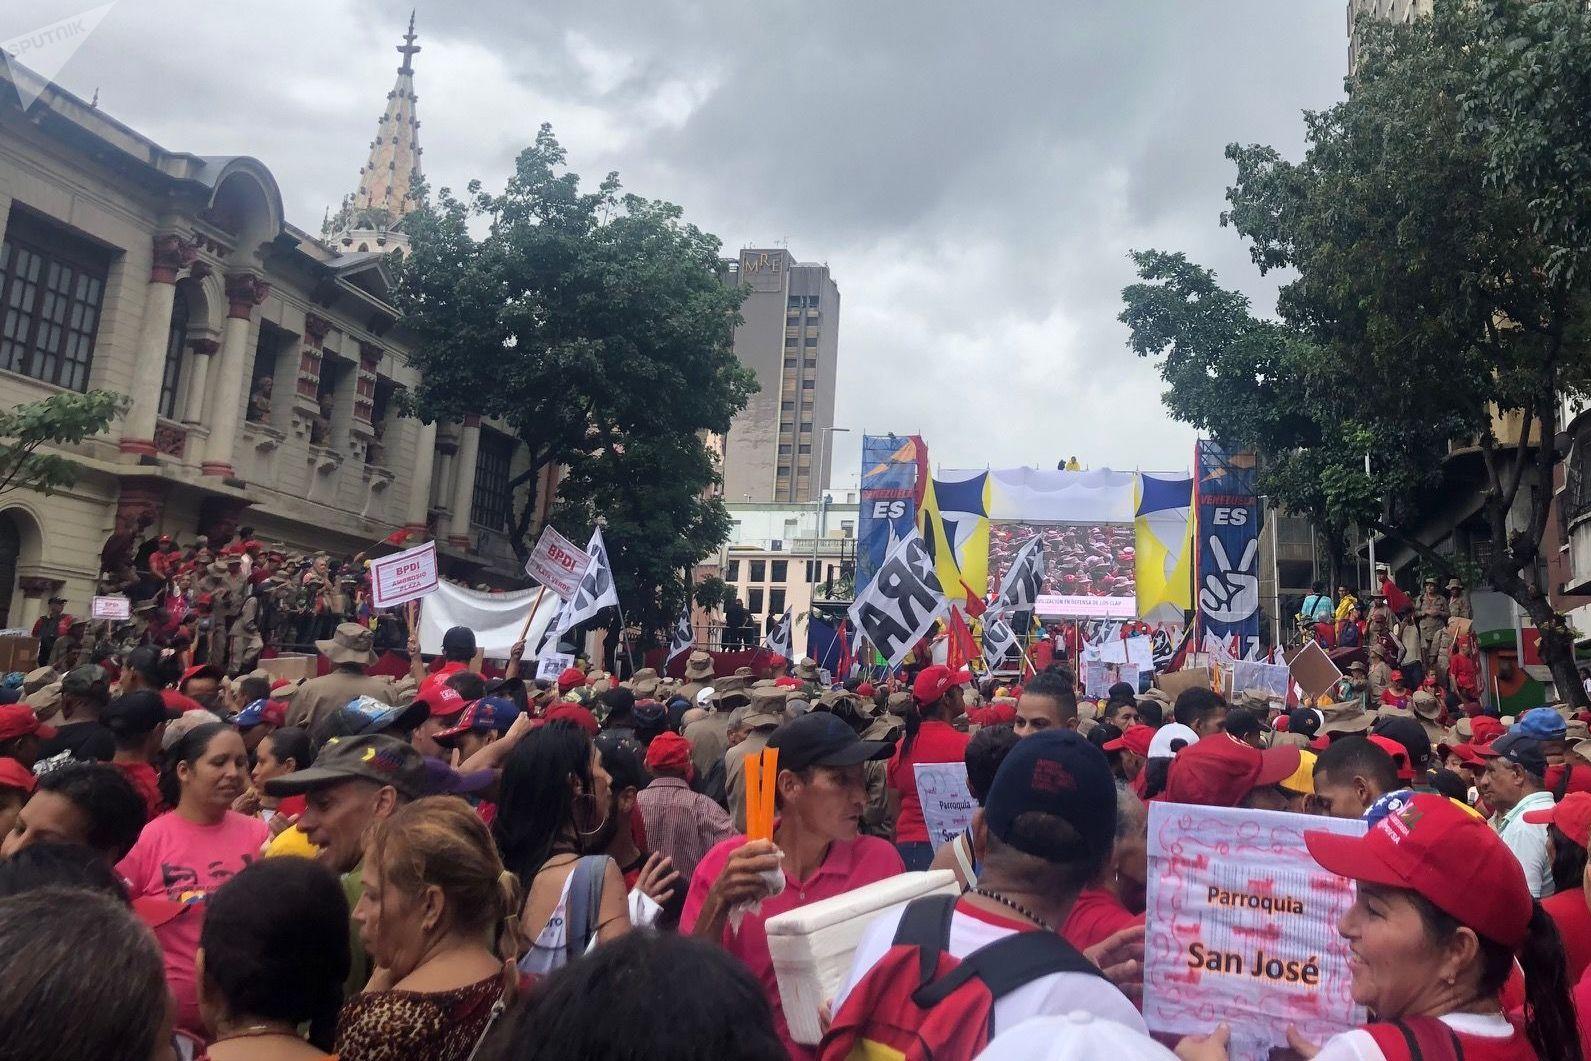 La marcha a favor de los CLAPs en Caracas, este 8 de junio: el diluvio se desplomó sobre los manifestantes